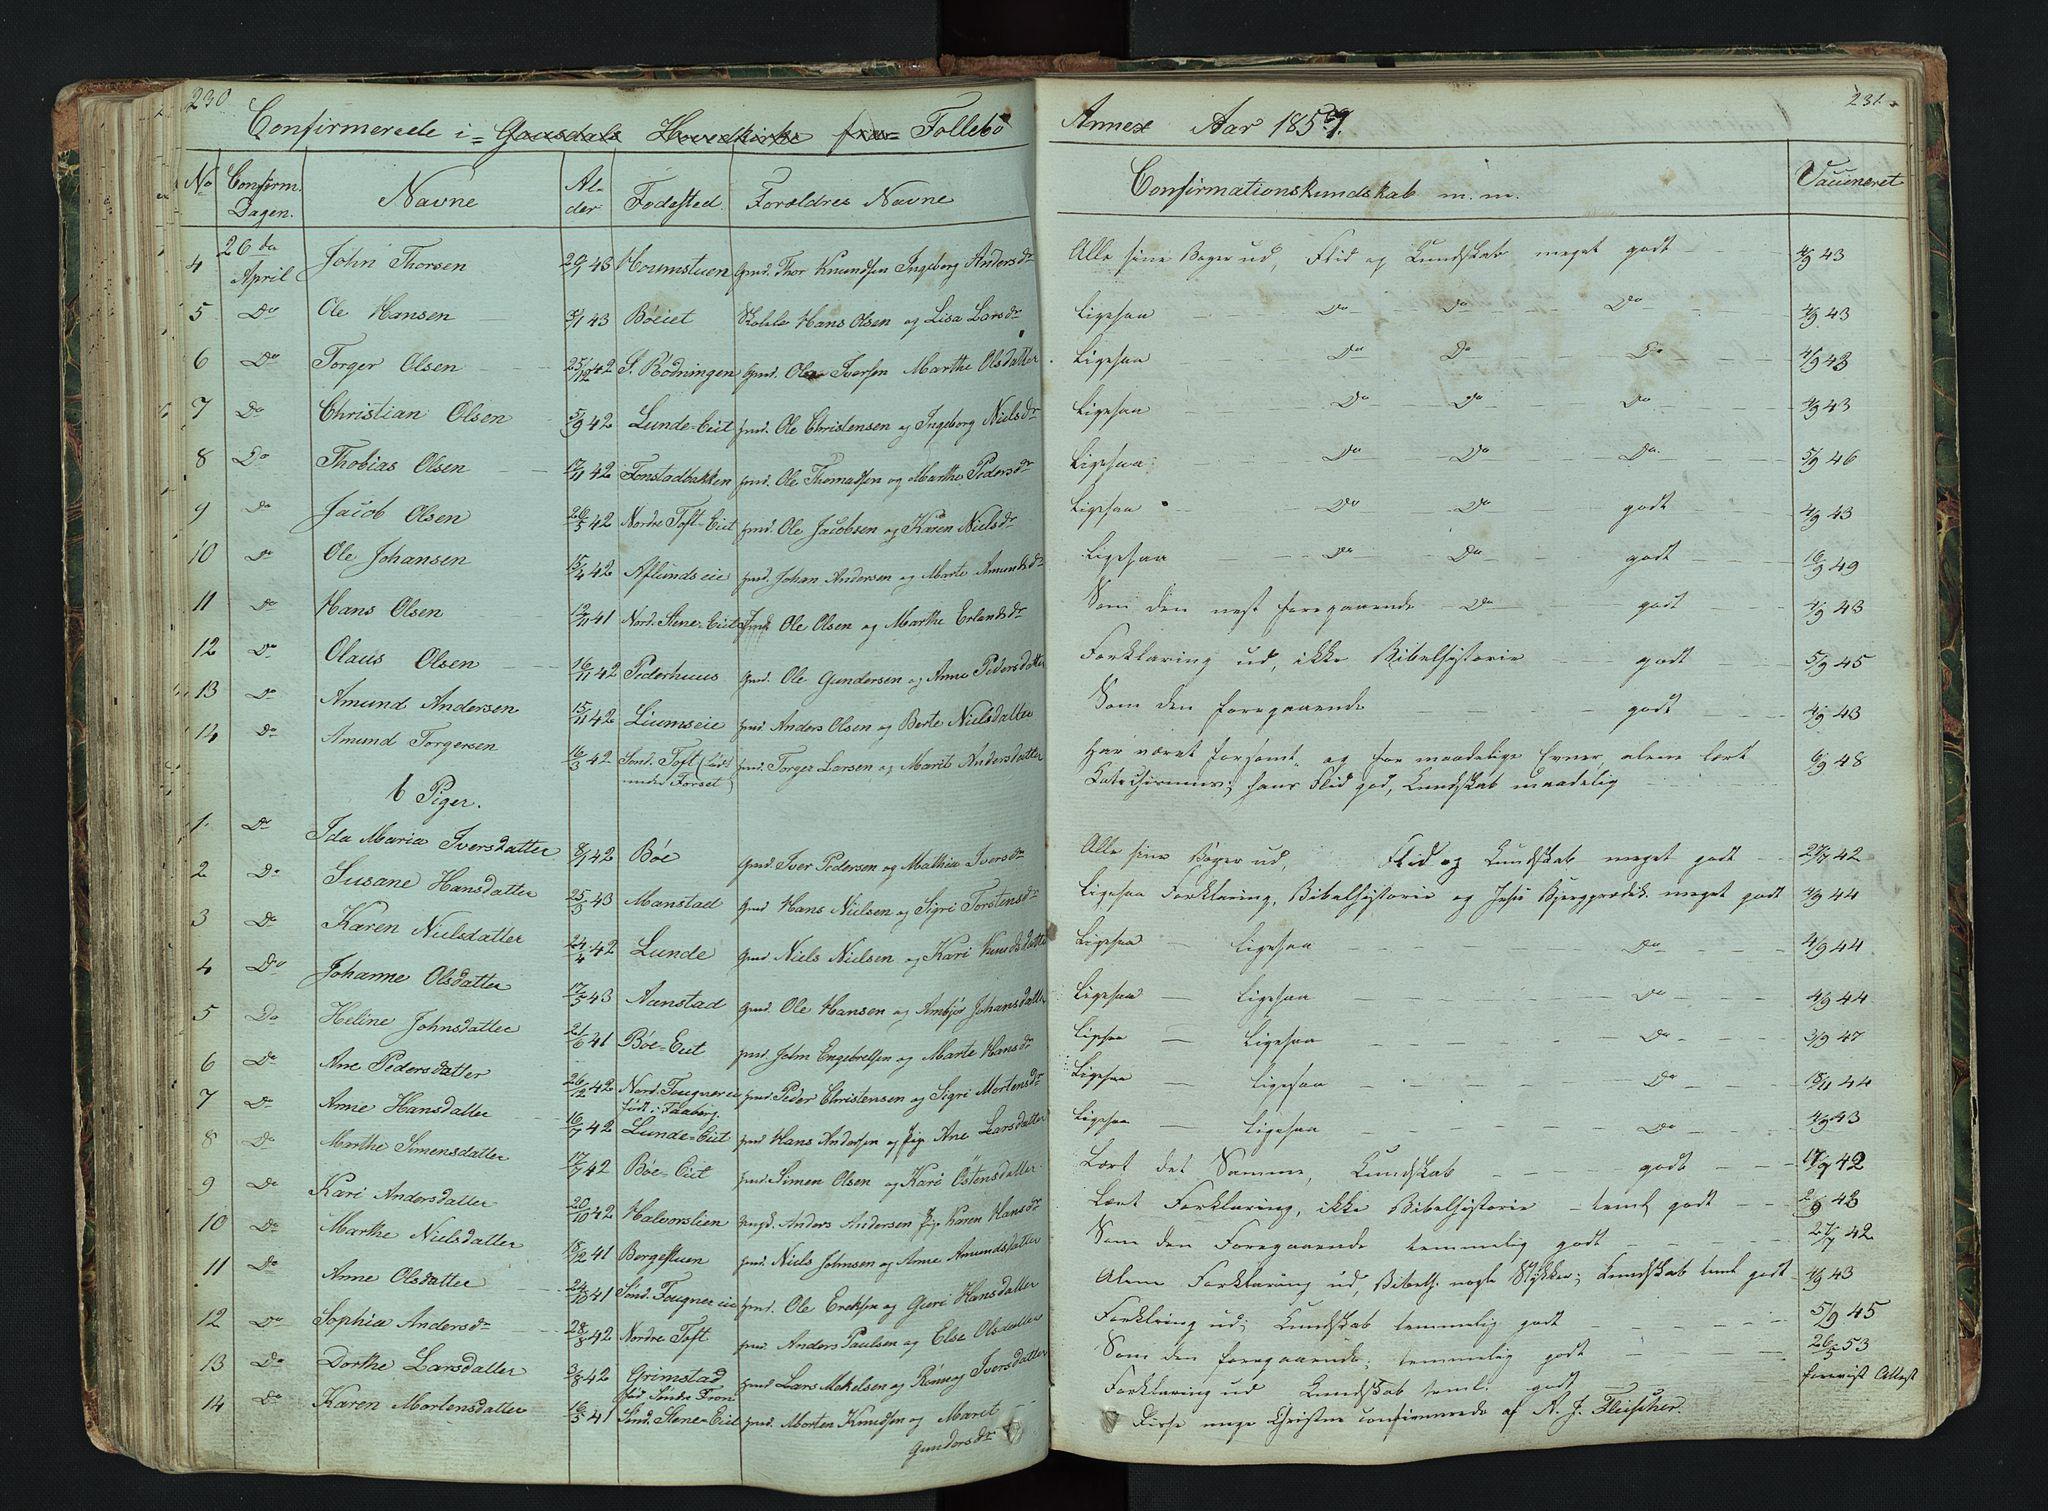 SAH, Gausdal prestekontor, Klokkerbok nr. 6, 1846-1893, s. 230-231